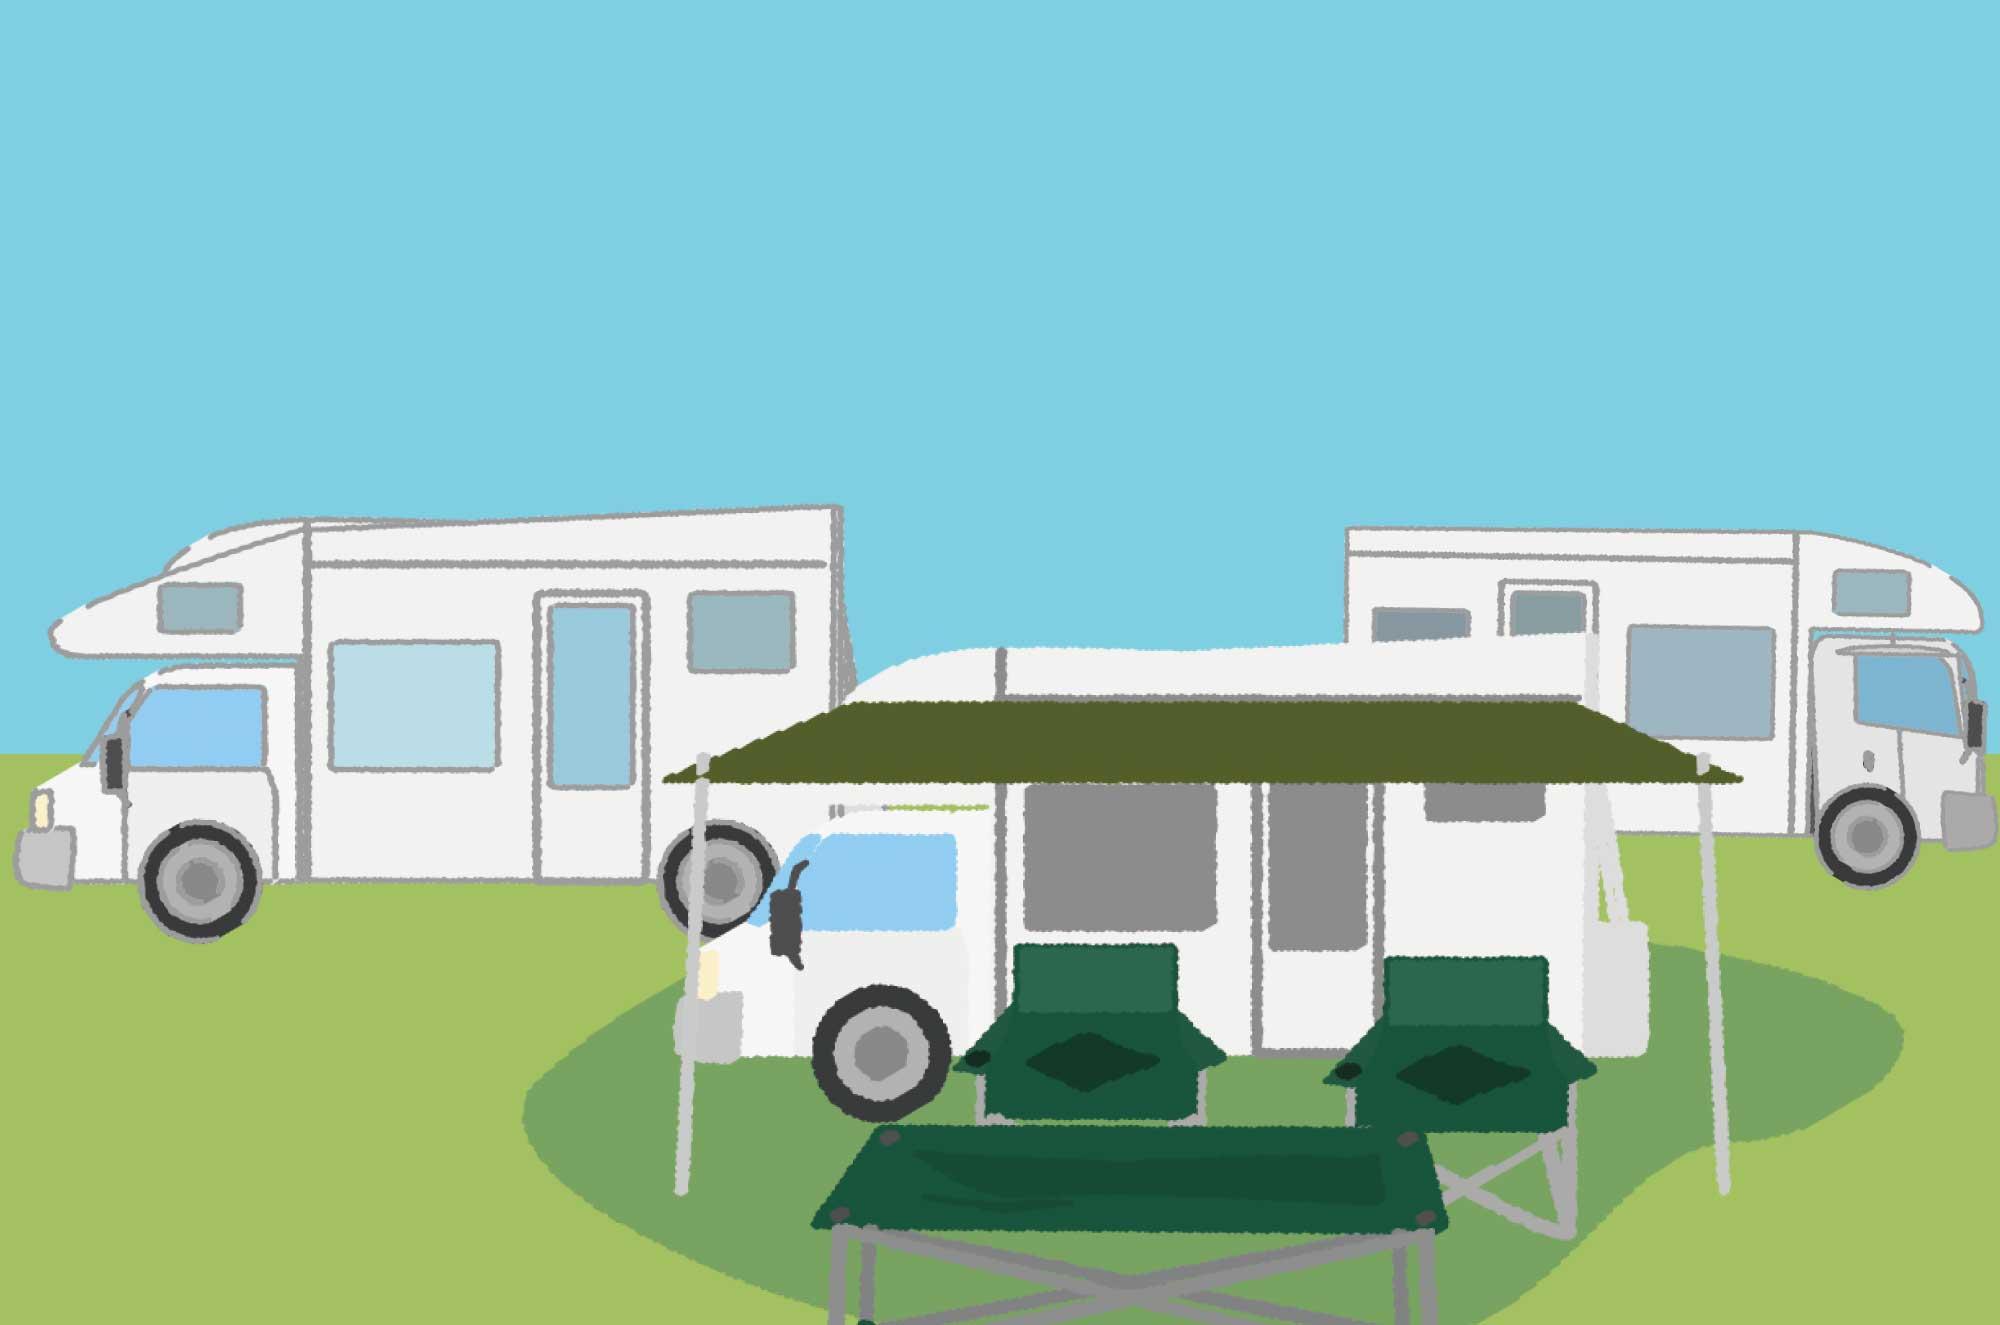 キャンピングカーのイラスト - 自然の車無料素材